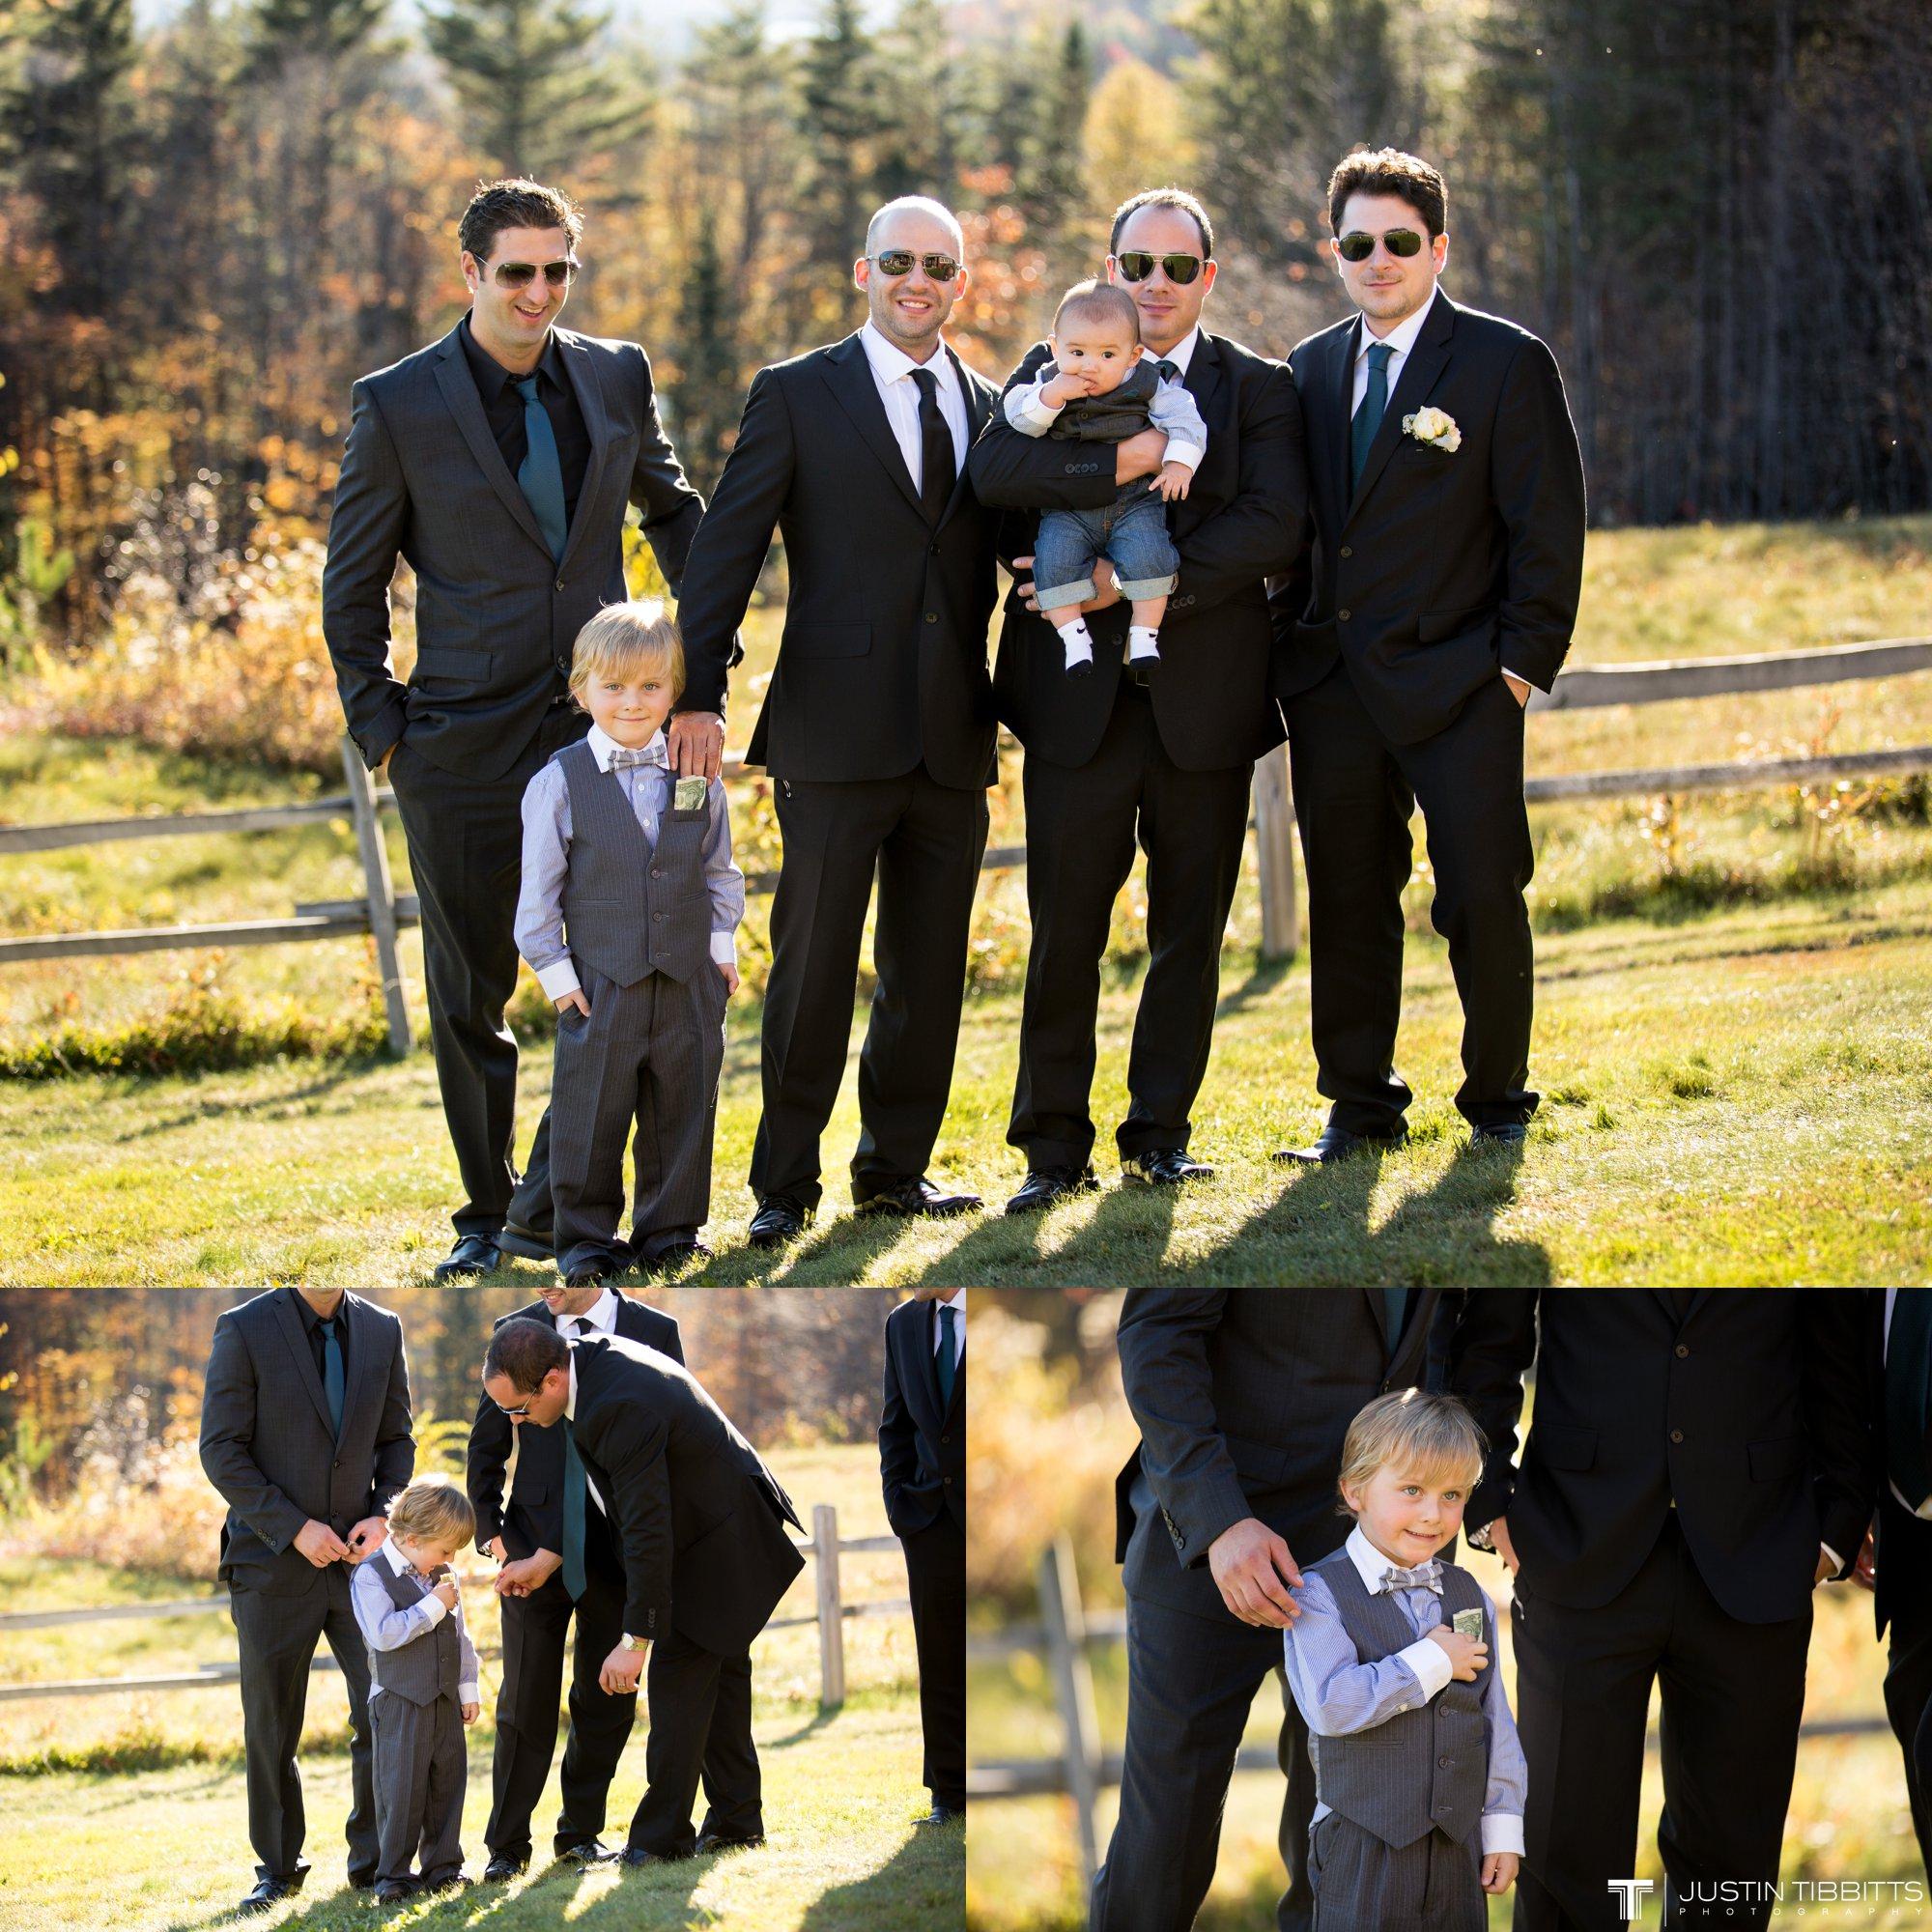 Albany NY Wedding Photographer Justin Tibbitts Photography 2014 Best of Albany NY Weddings-3502813